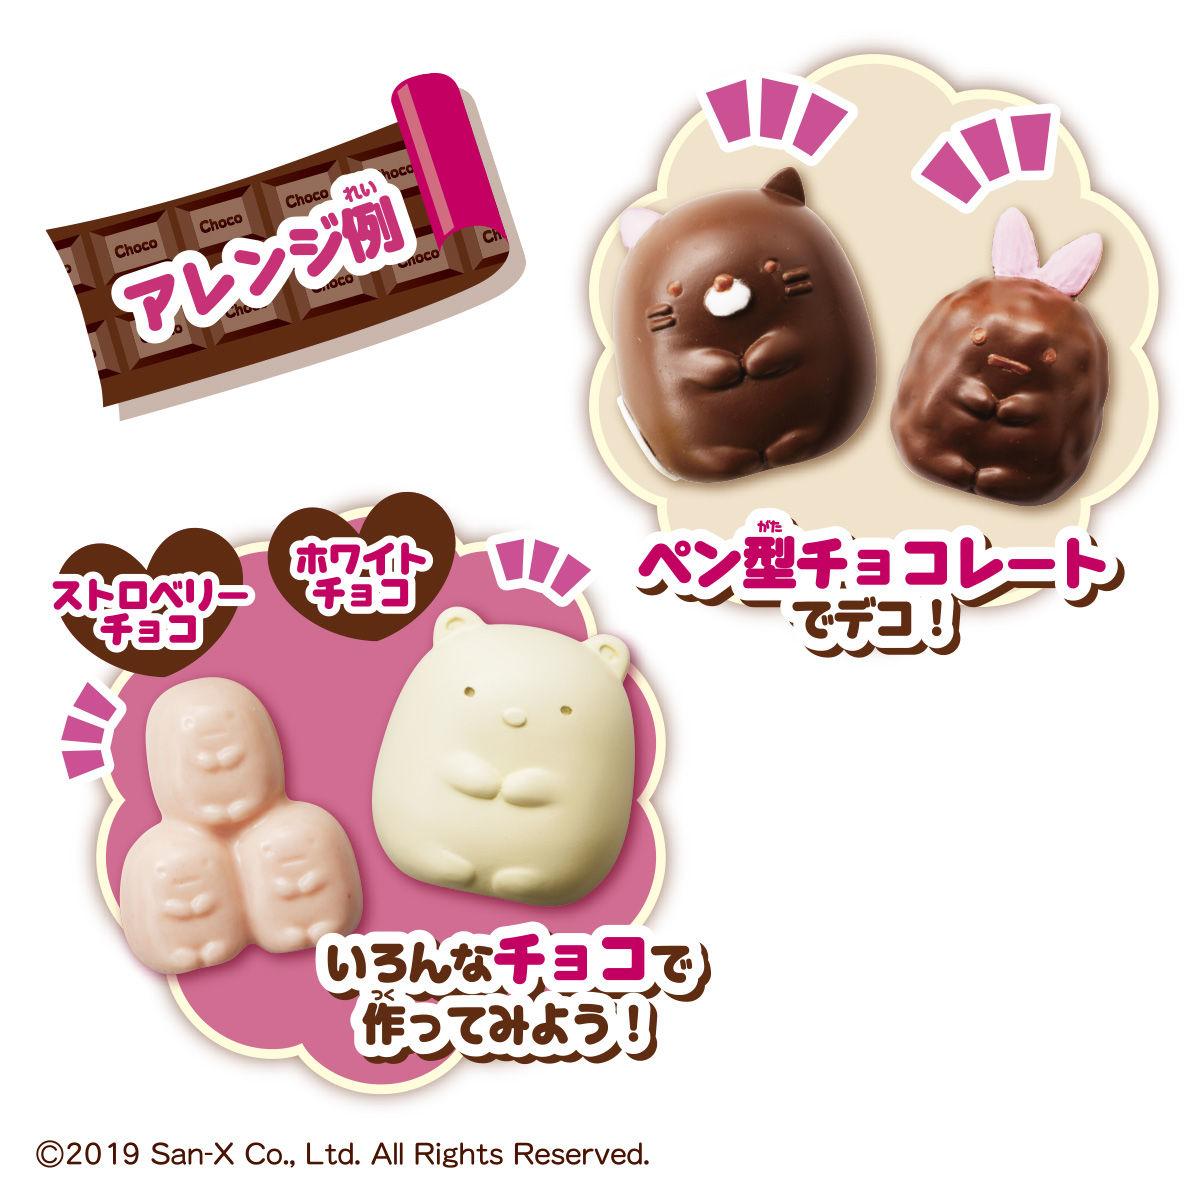 っ ぐらし チョコレート 工場 すみ コ